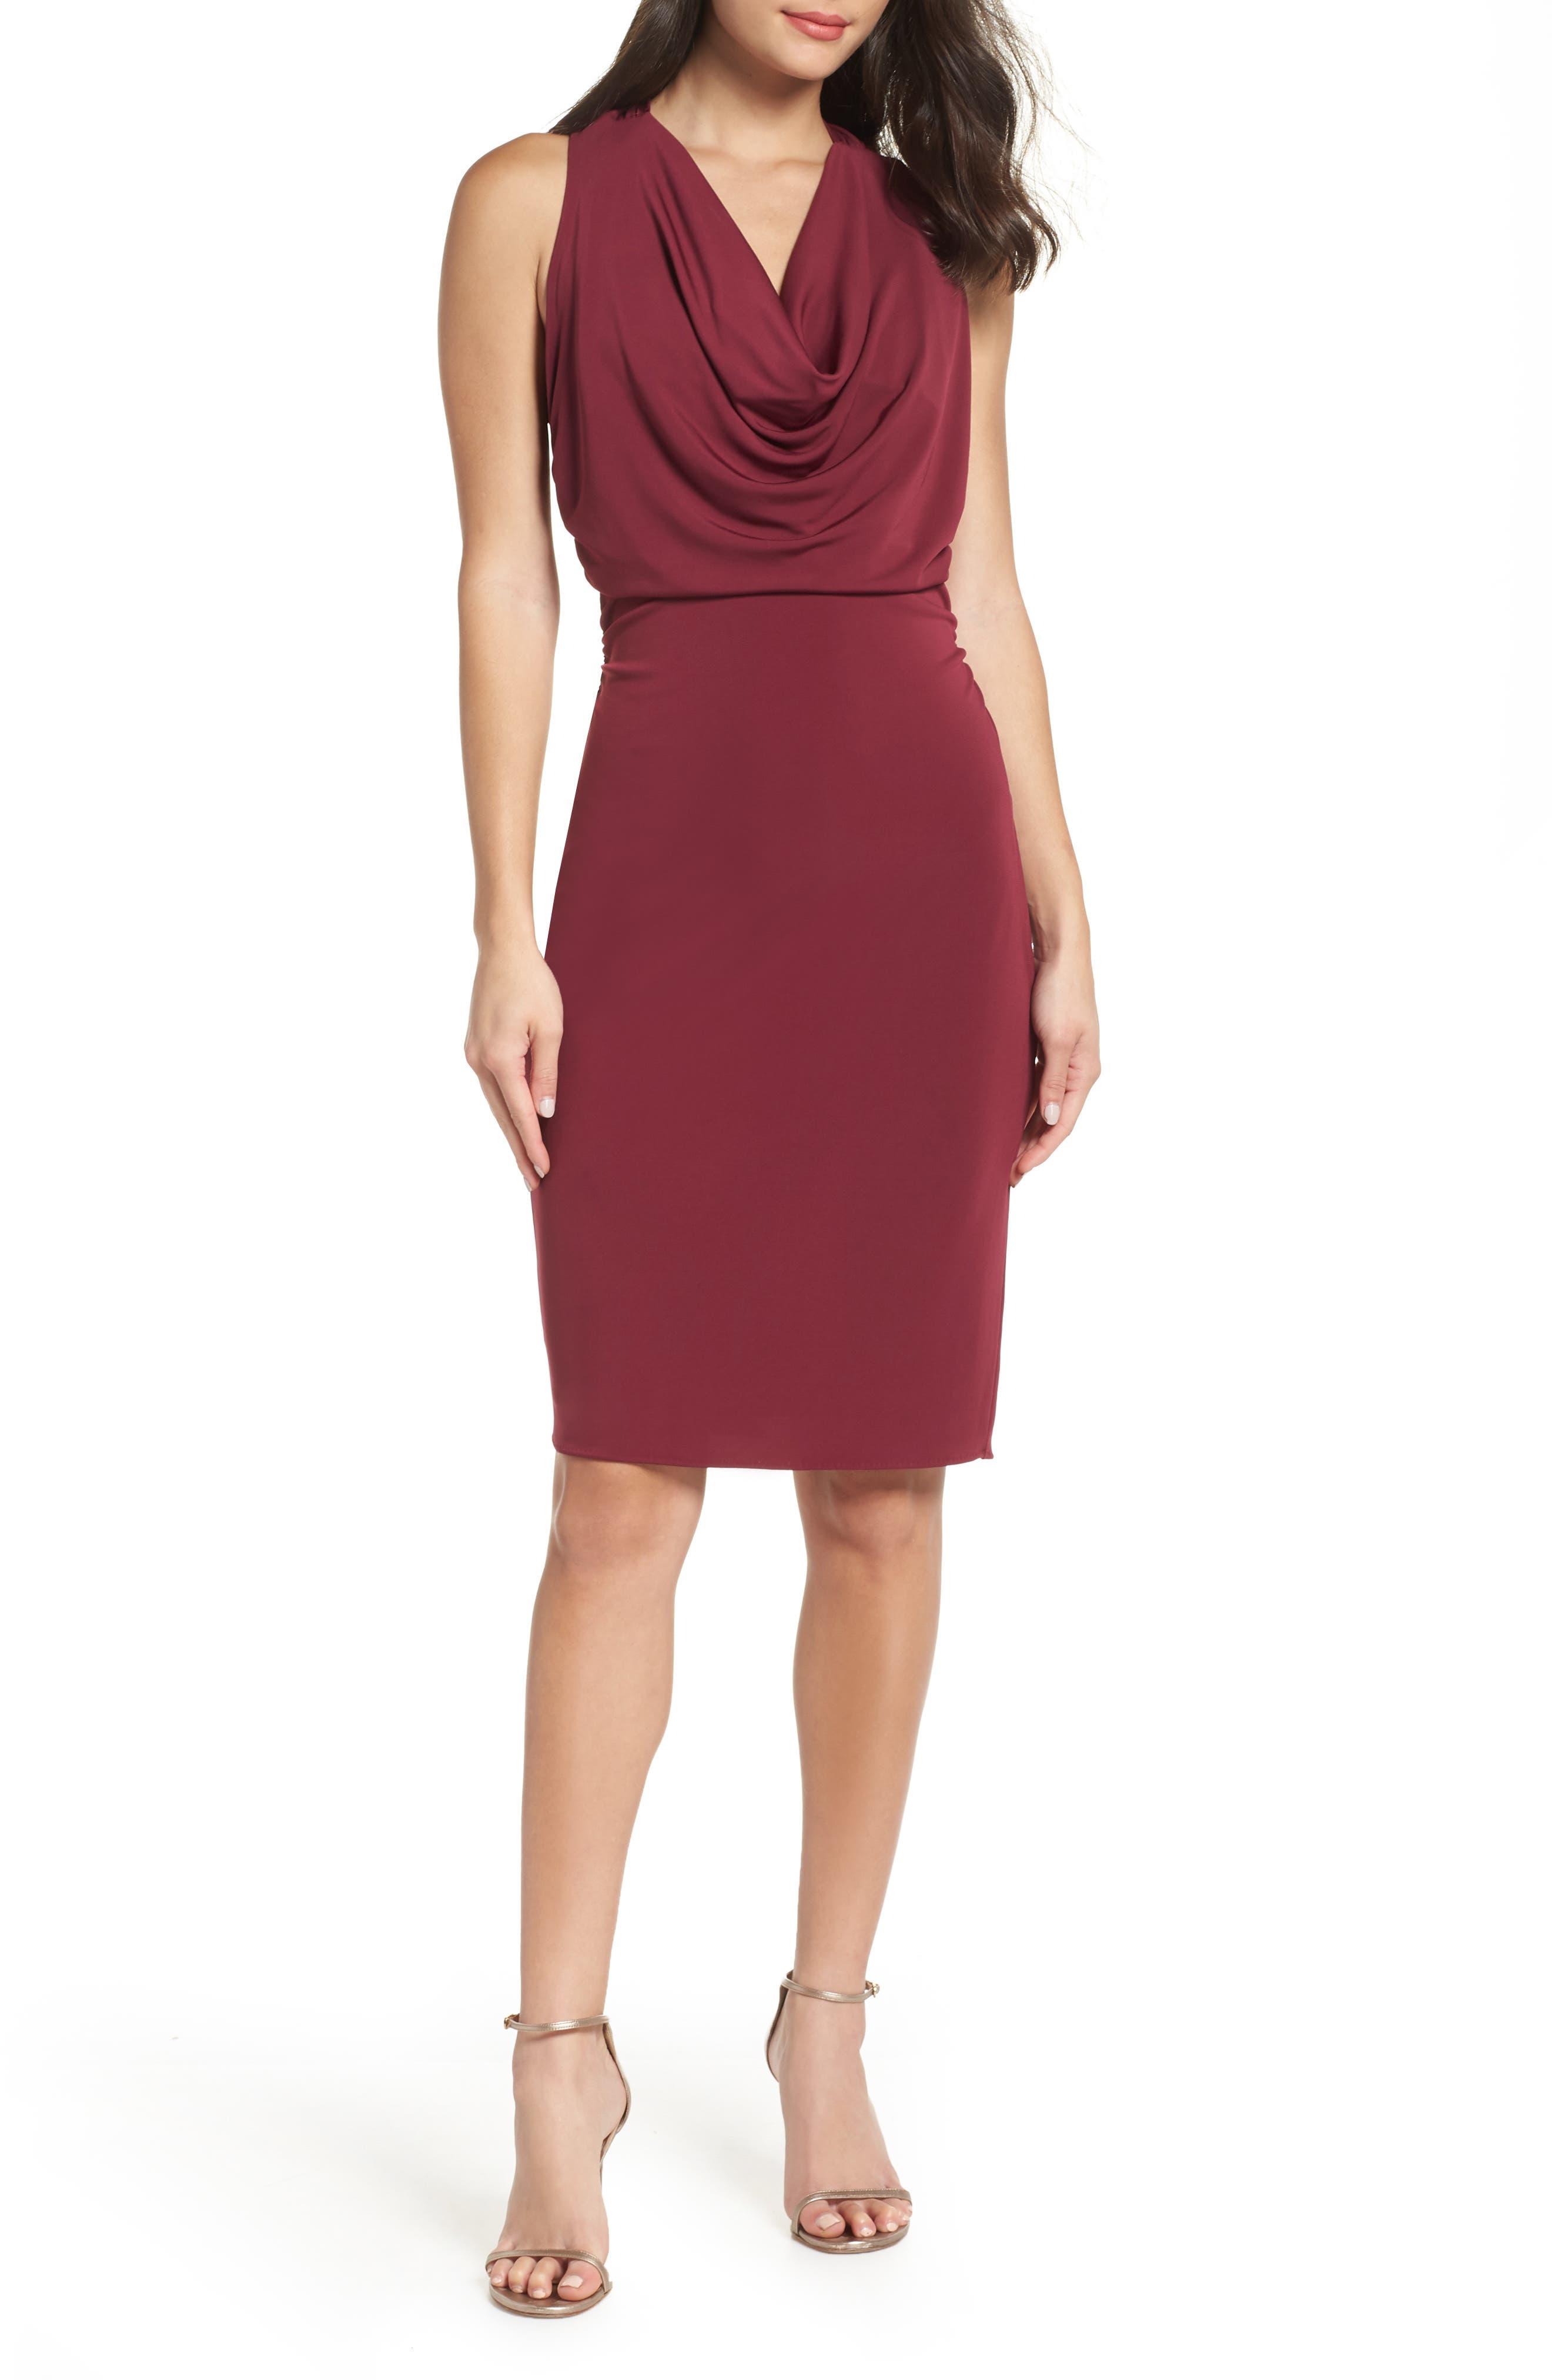 Maria Bianca Nero Elise Cowl Neck Sleeveless Dress, Red